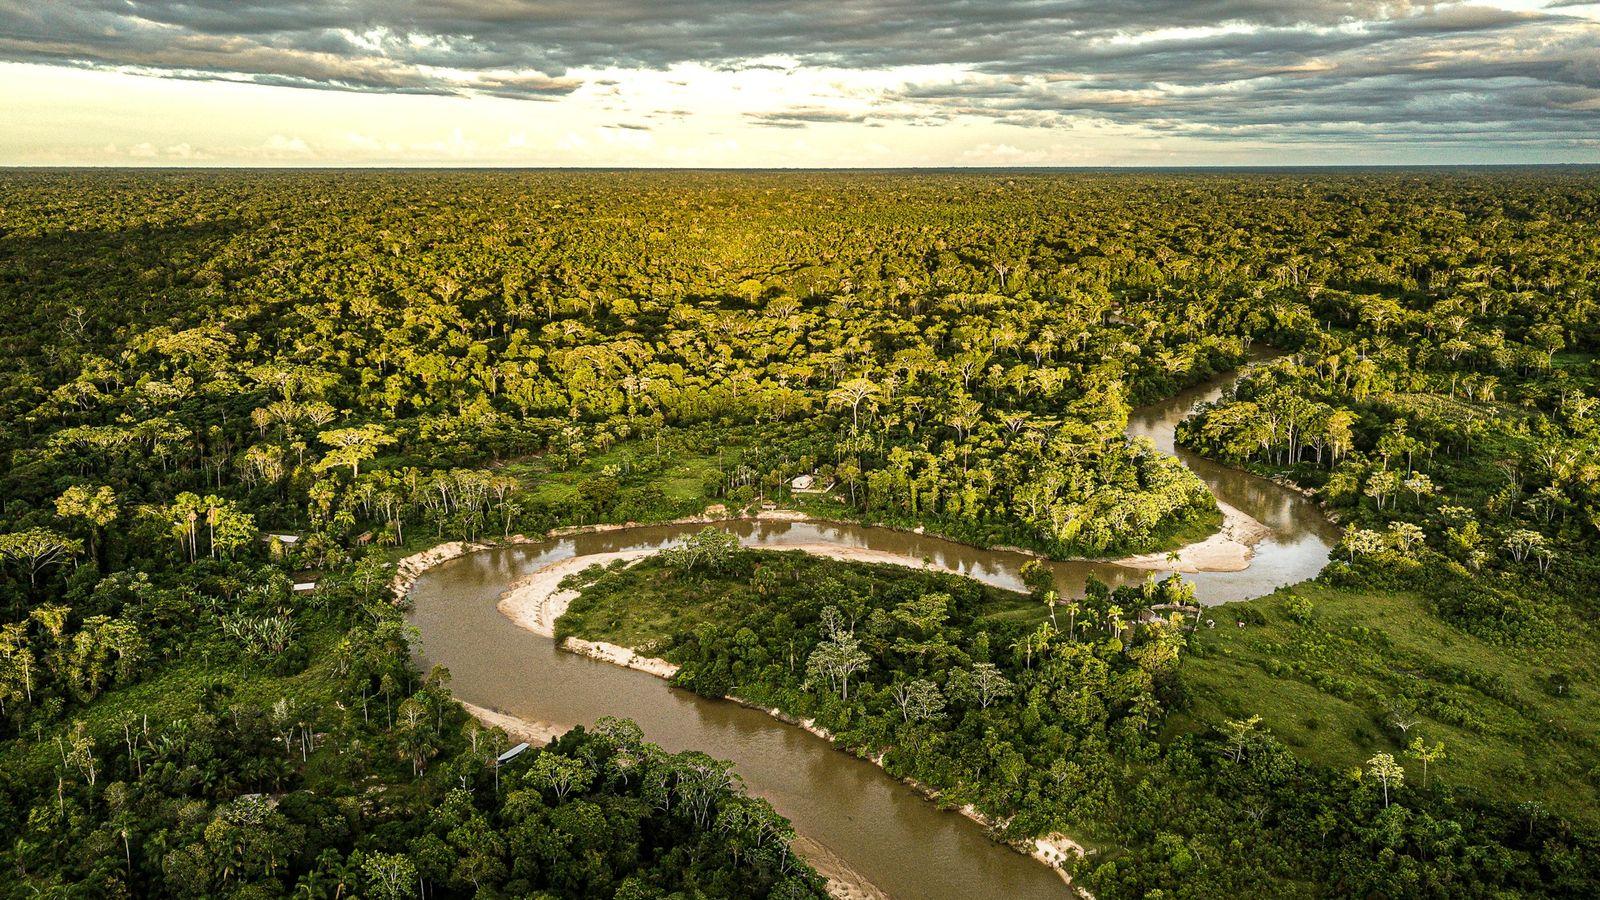 Vista aérea de trecho do rio Moa, no Parque Nacional da Serra do Divisor, no Acre. ...